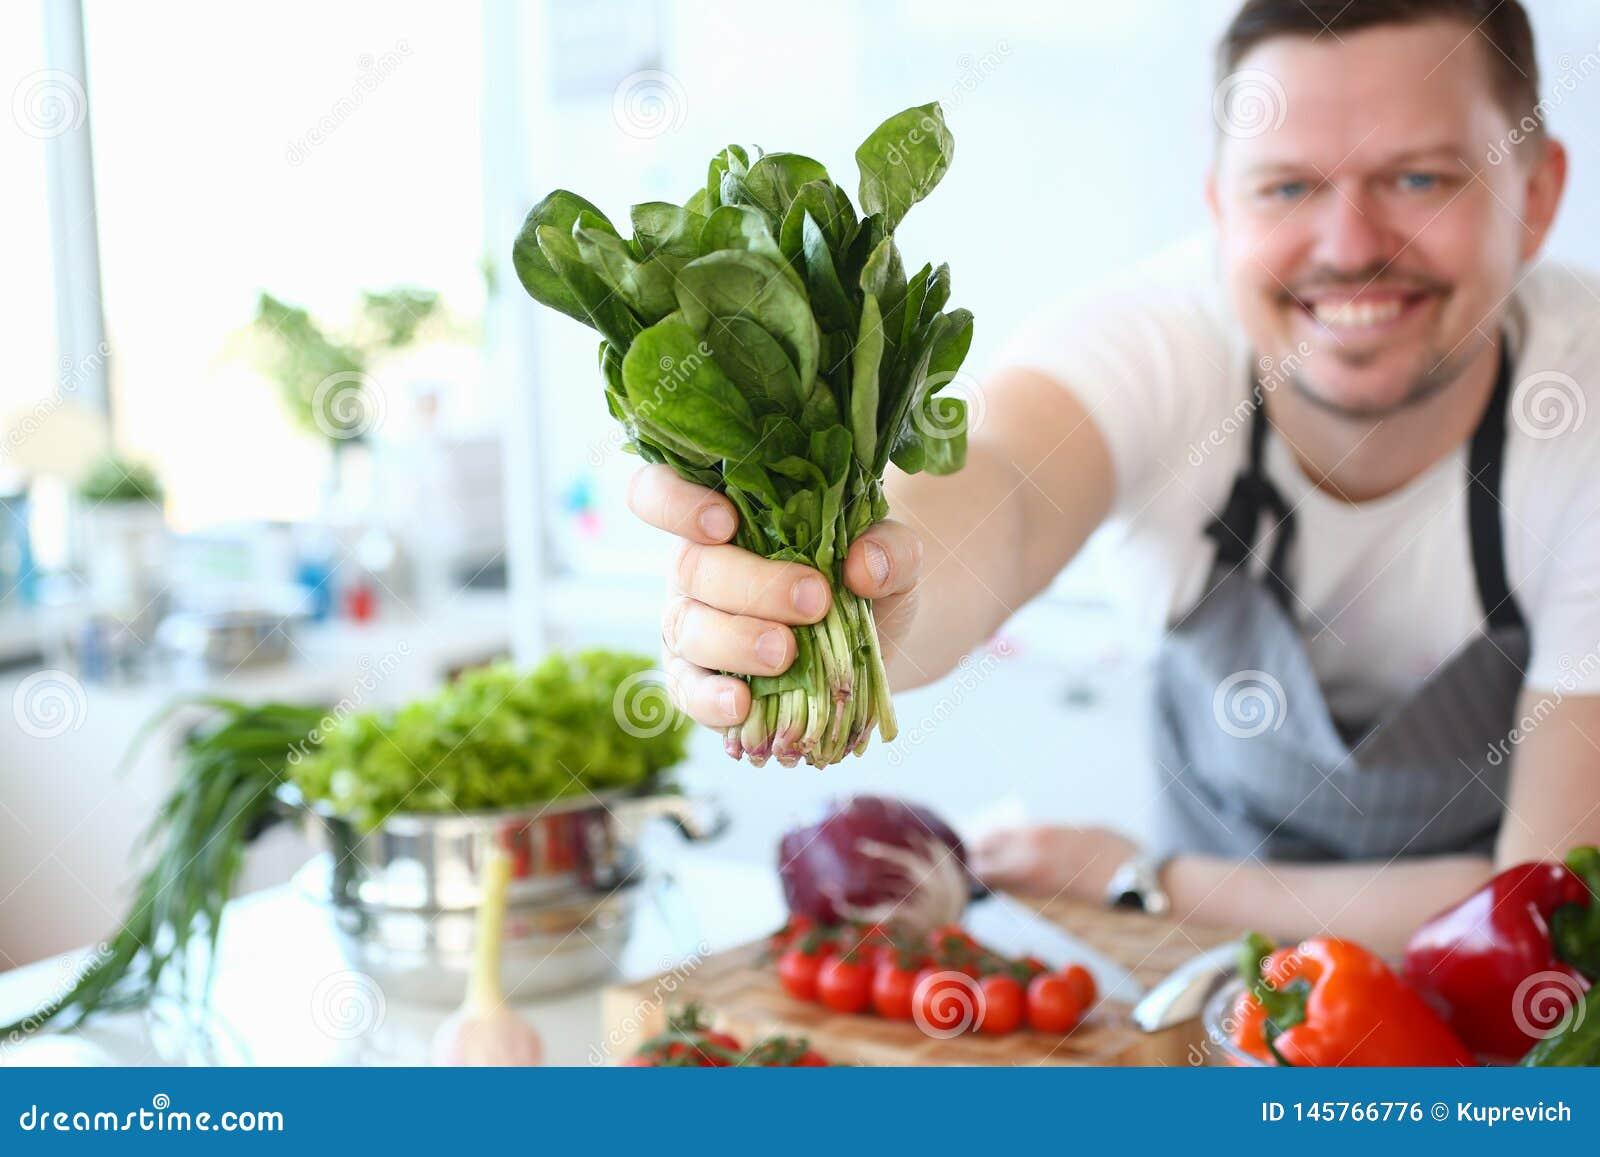 De Aromatische Kruidenbundel van chef-koksmile showing green